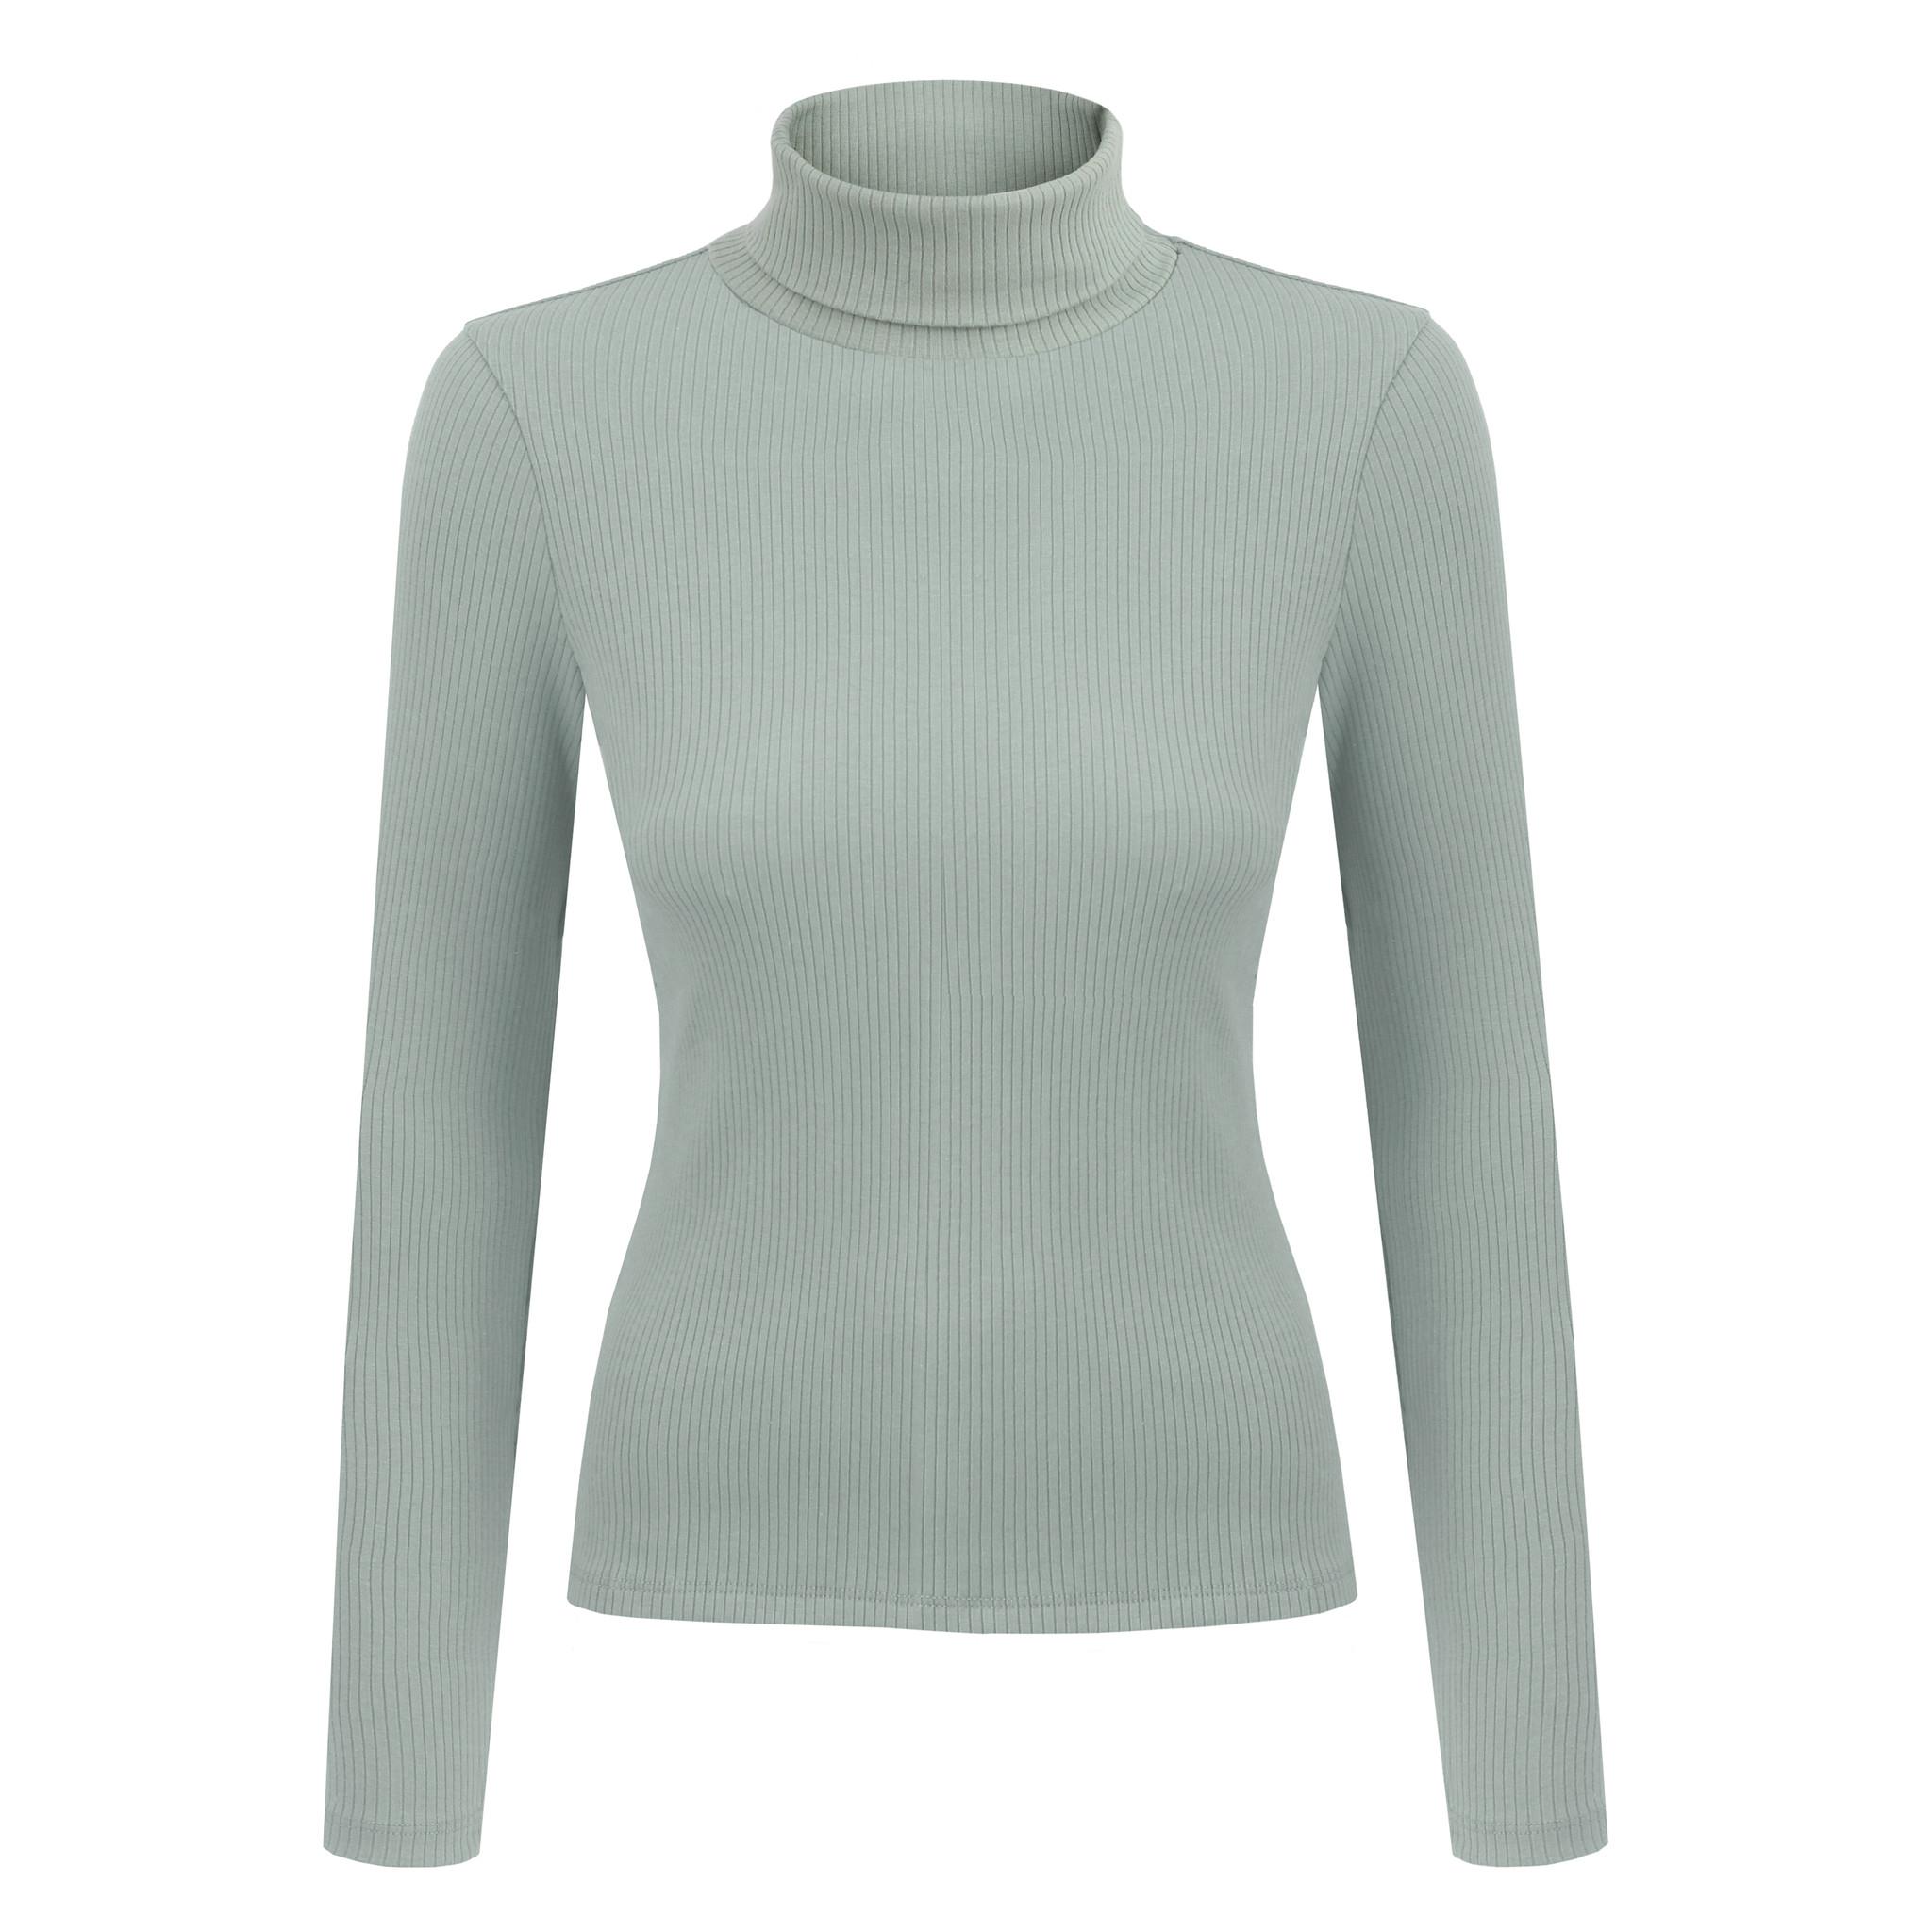 NAGO organic cotton turtleneck / mint | SoBio Beauty Boutique